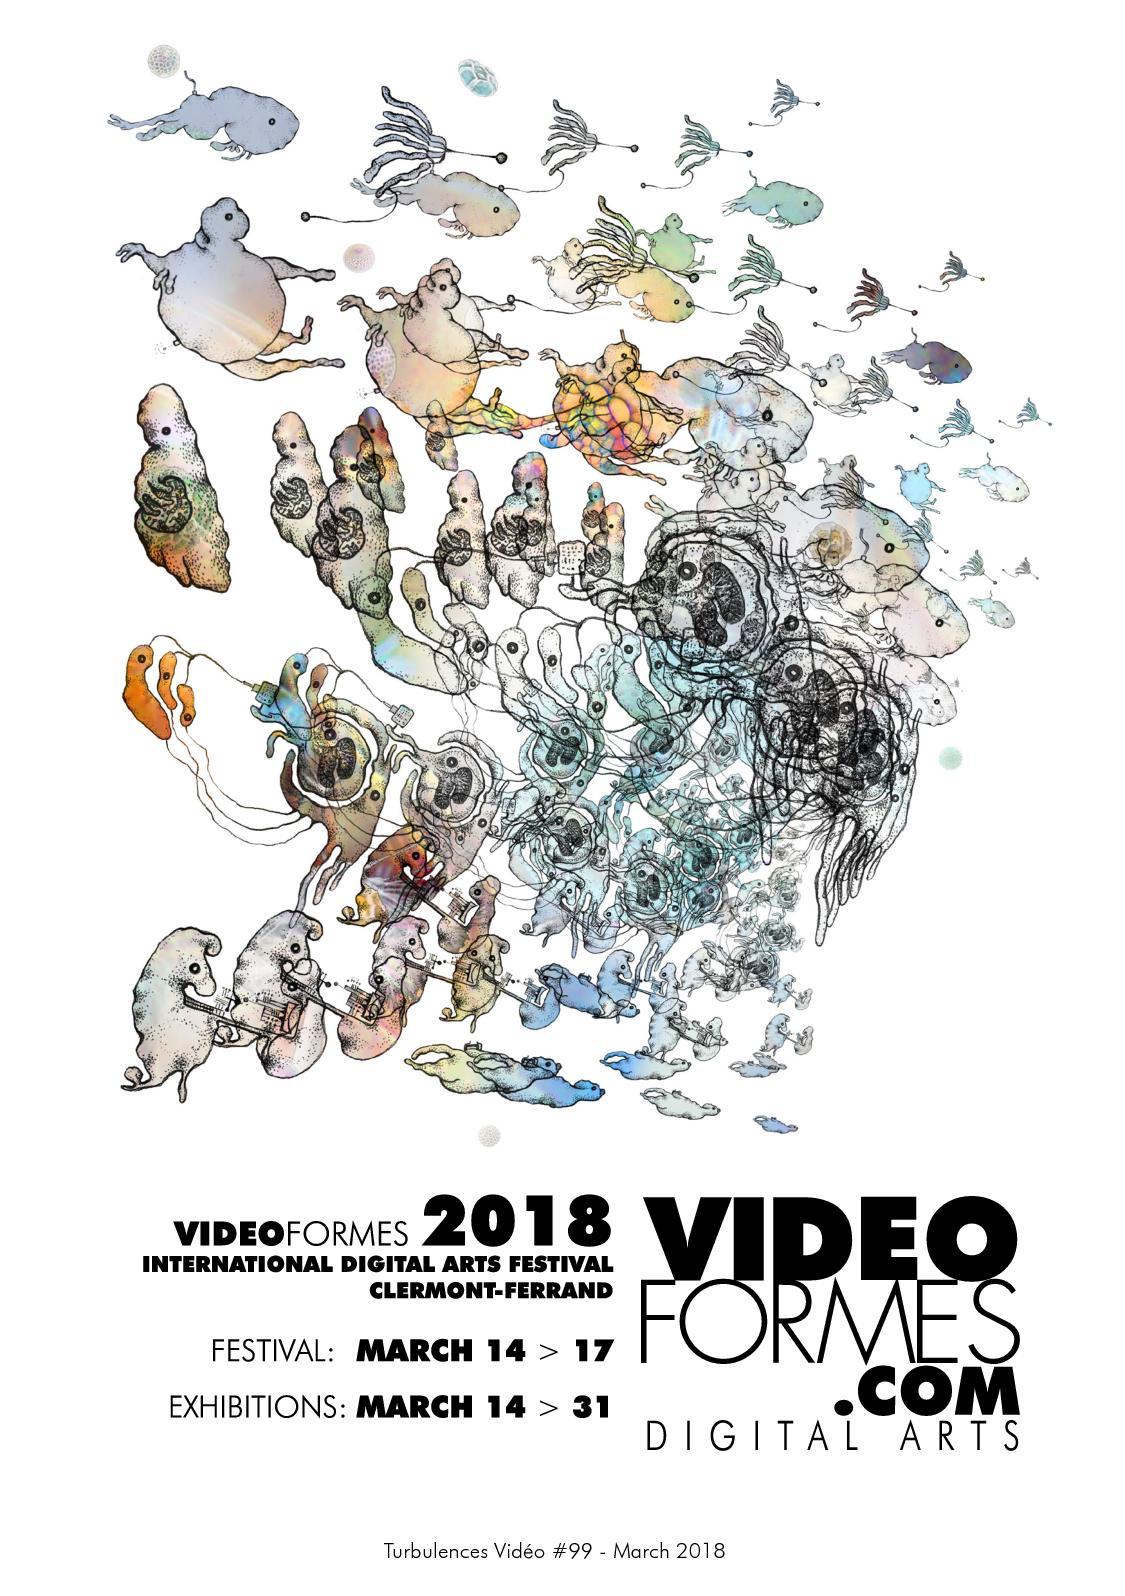 La Valise Rouge Les Herbiers calaméo - turbulences vidéo #99